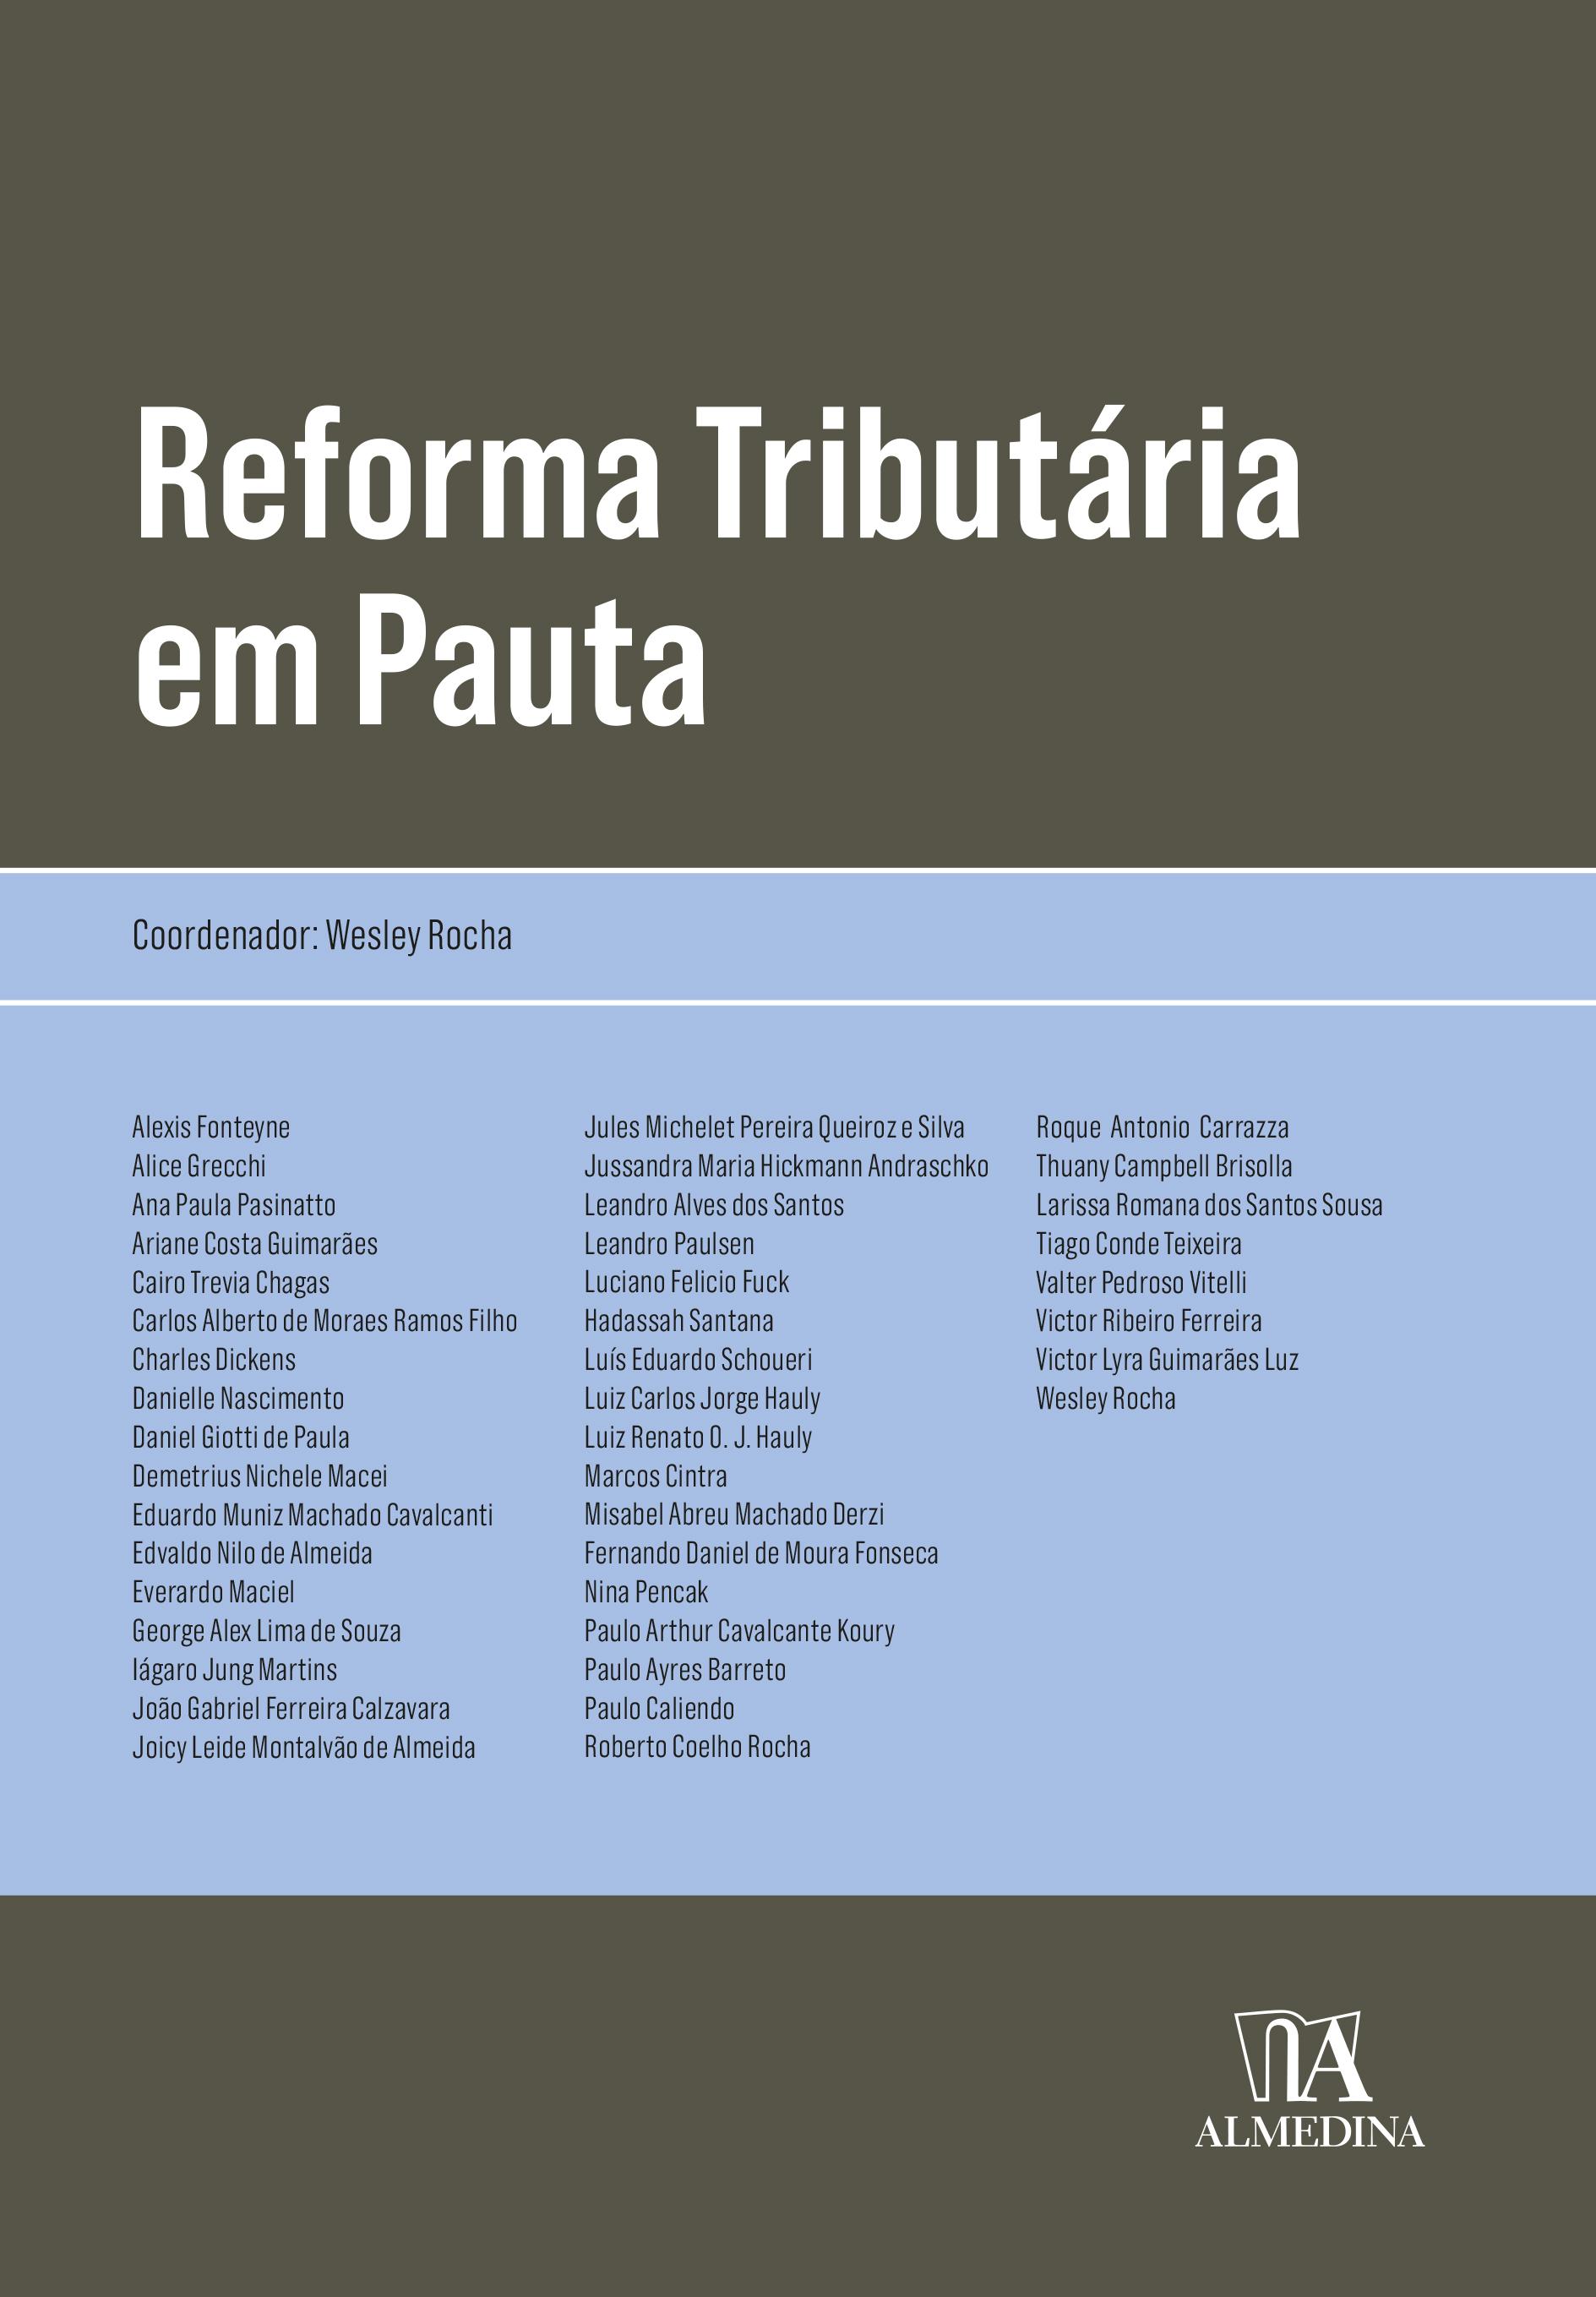 Reforma Tributária em Pauta